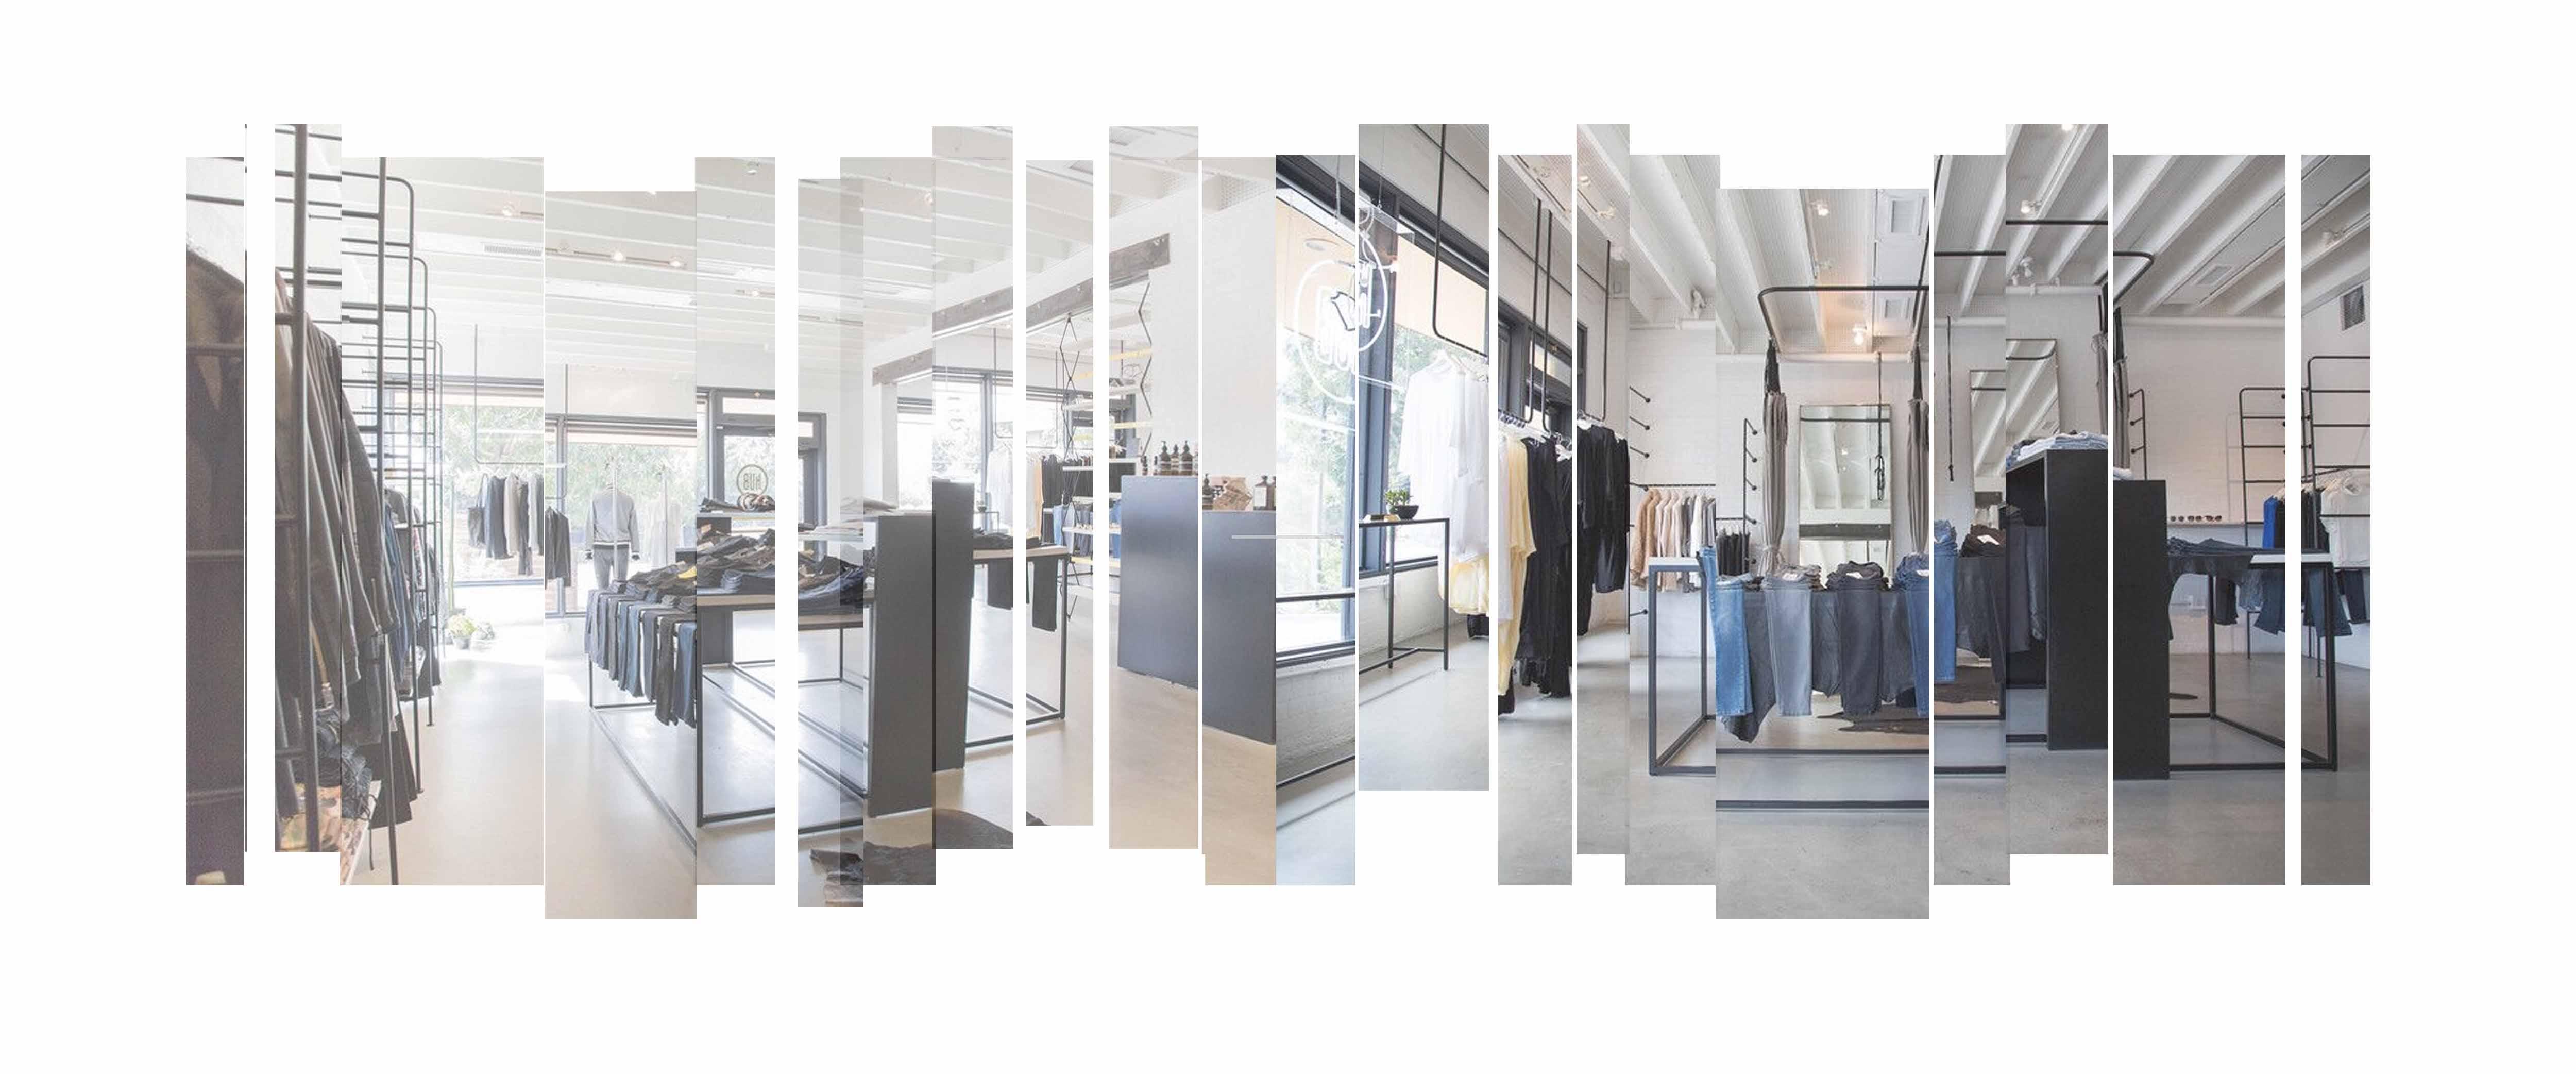 Garmentory_hub_clothing